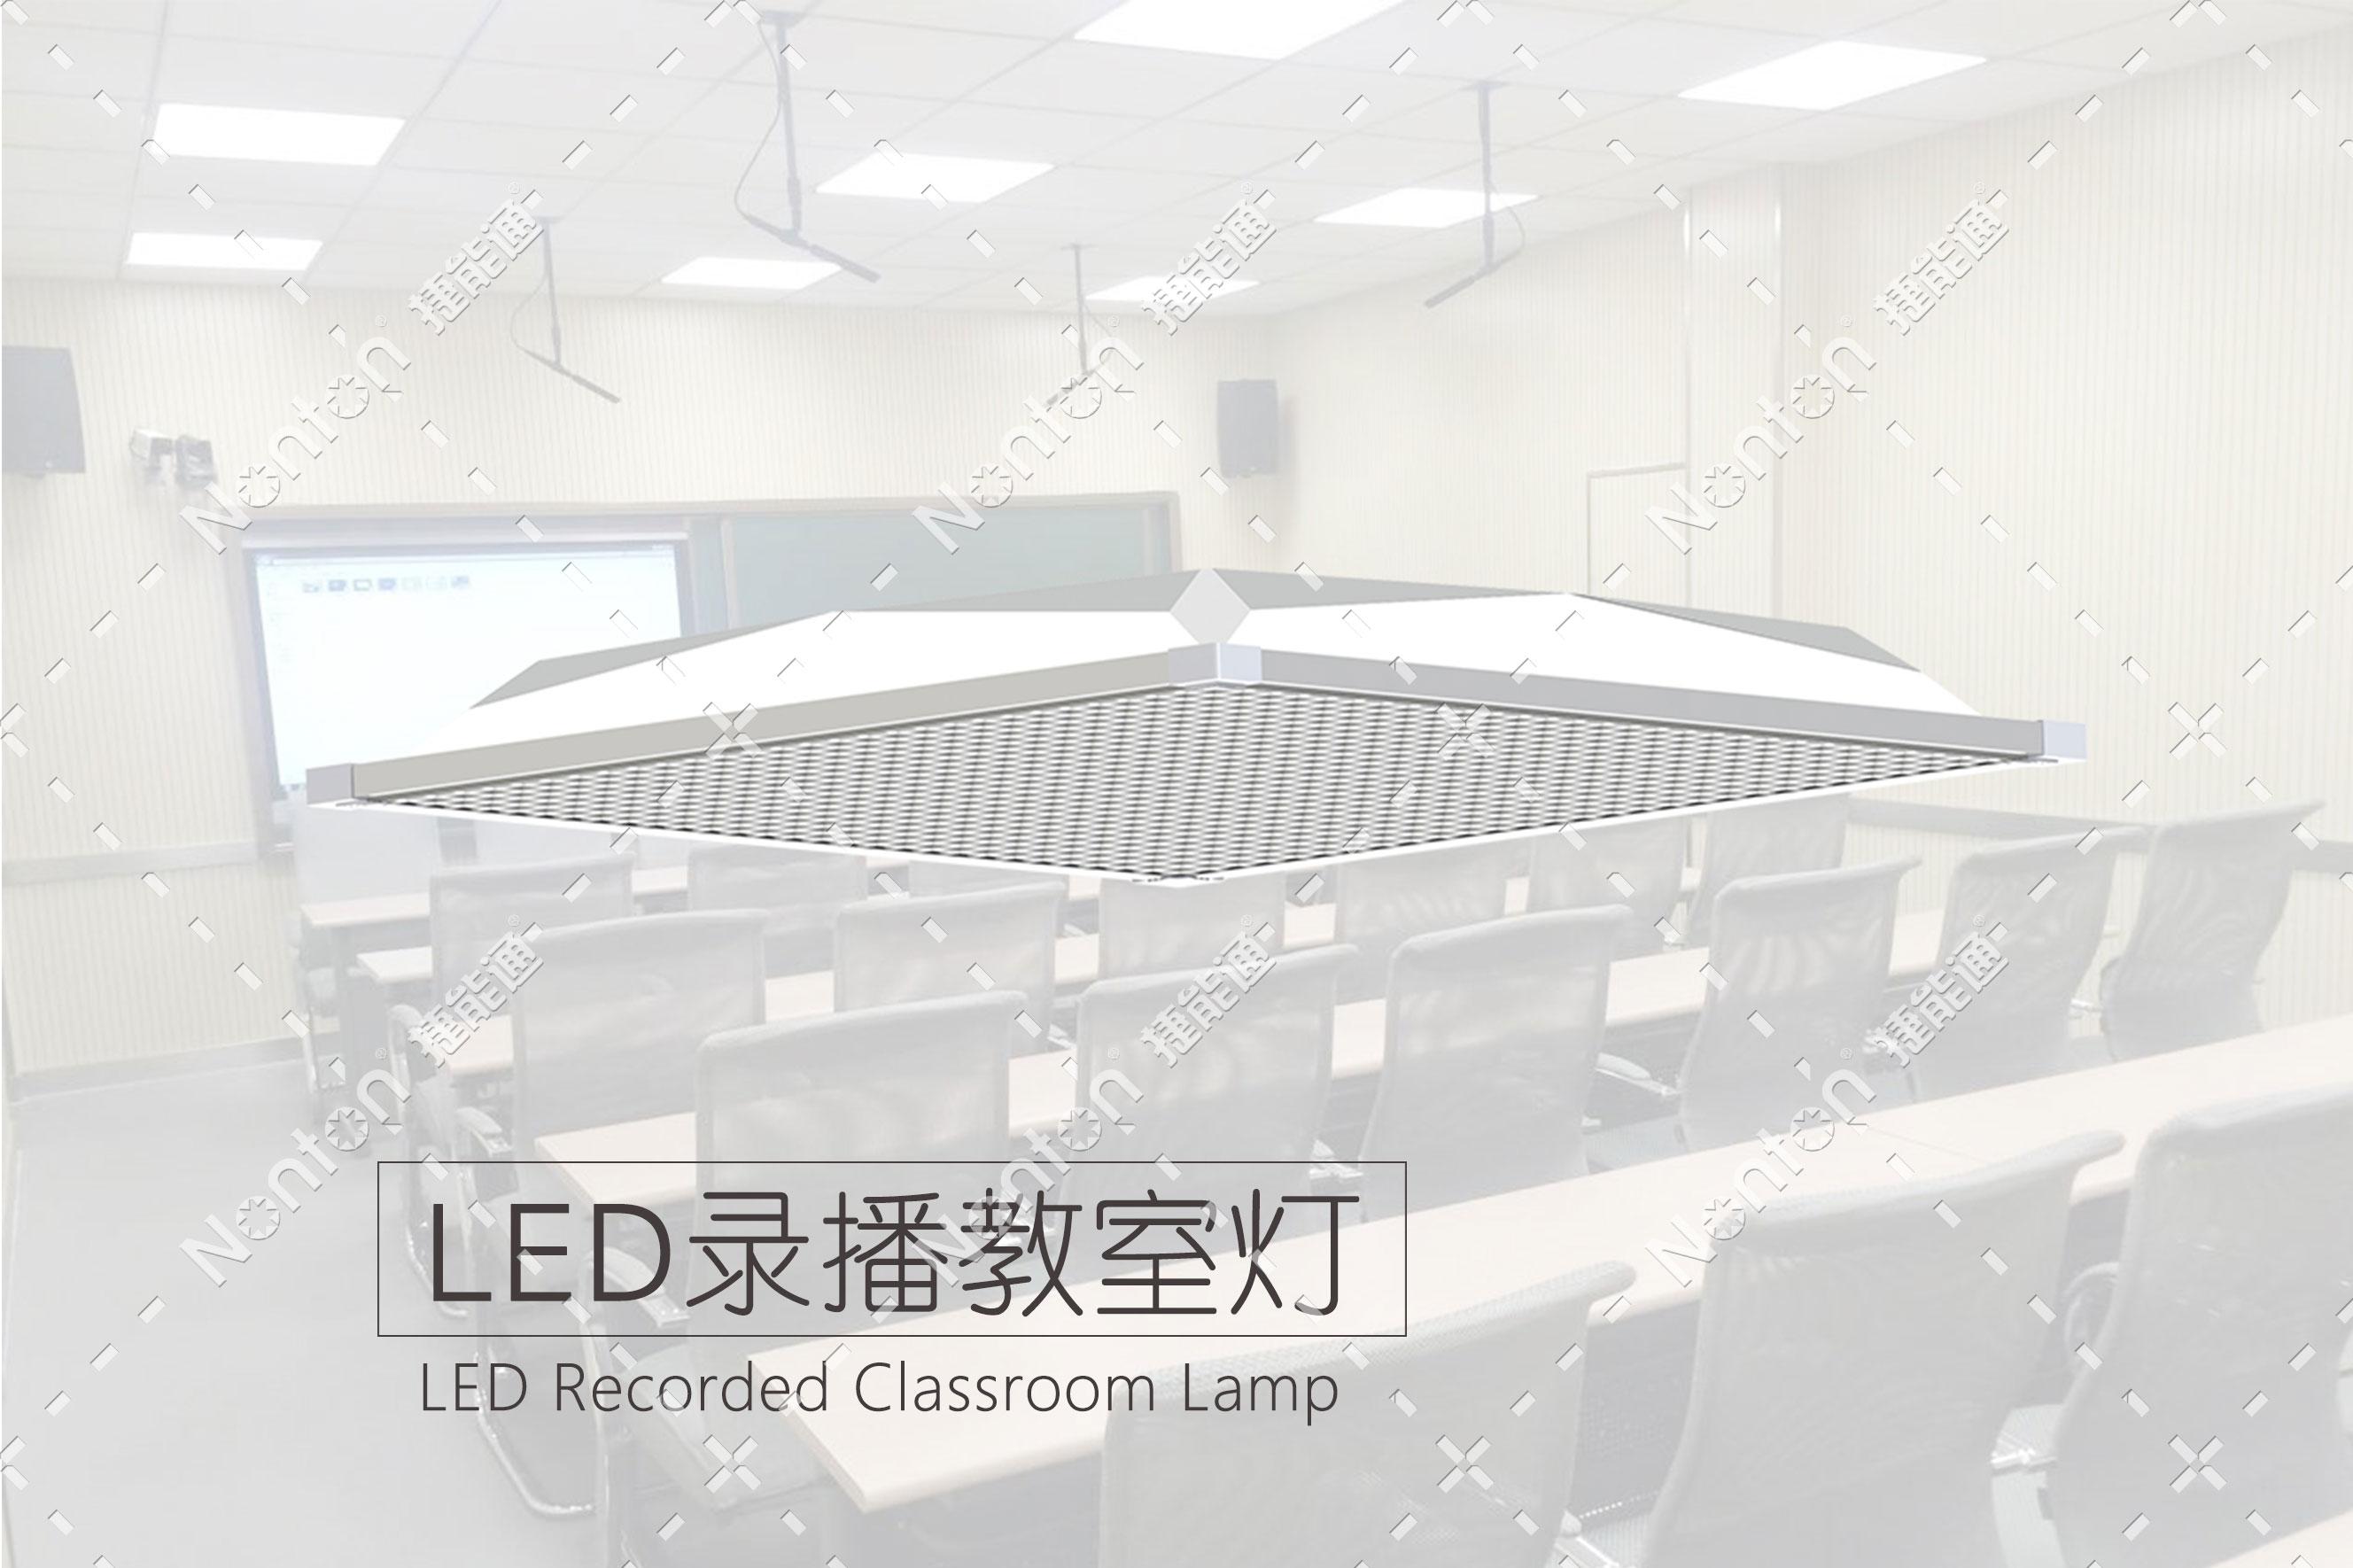 精品录播 录播灯 录播教室灯 录播设备 录播教室改造